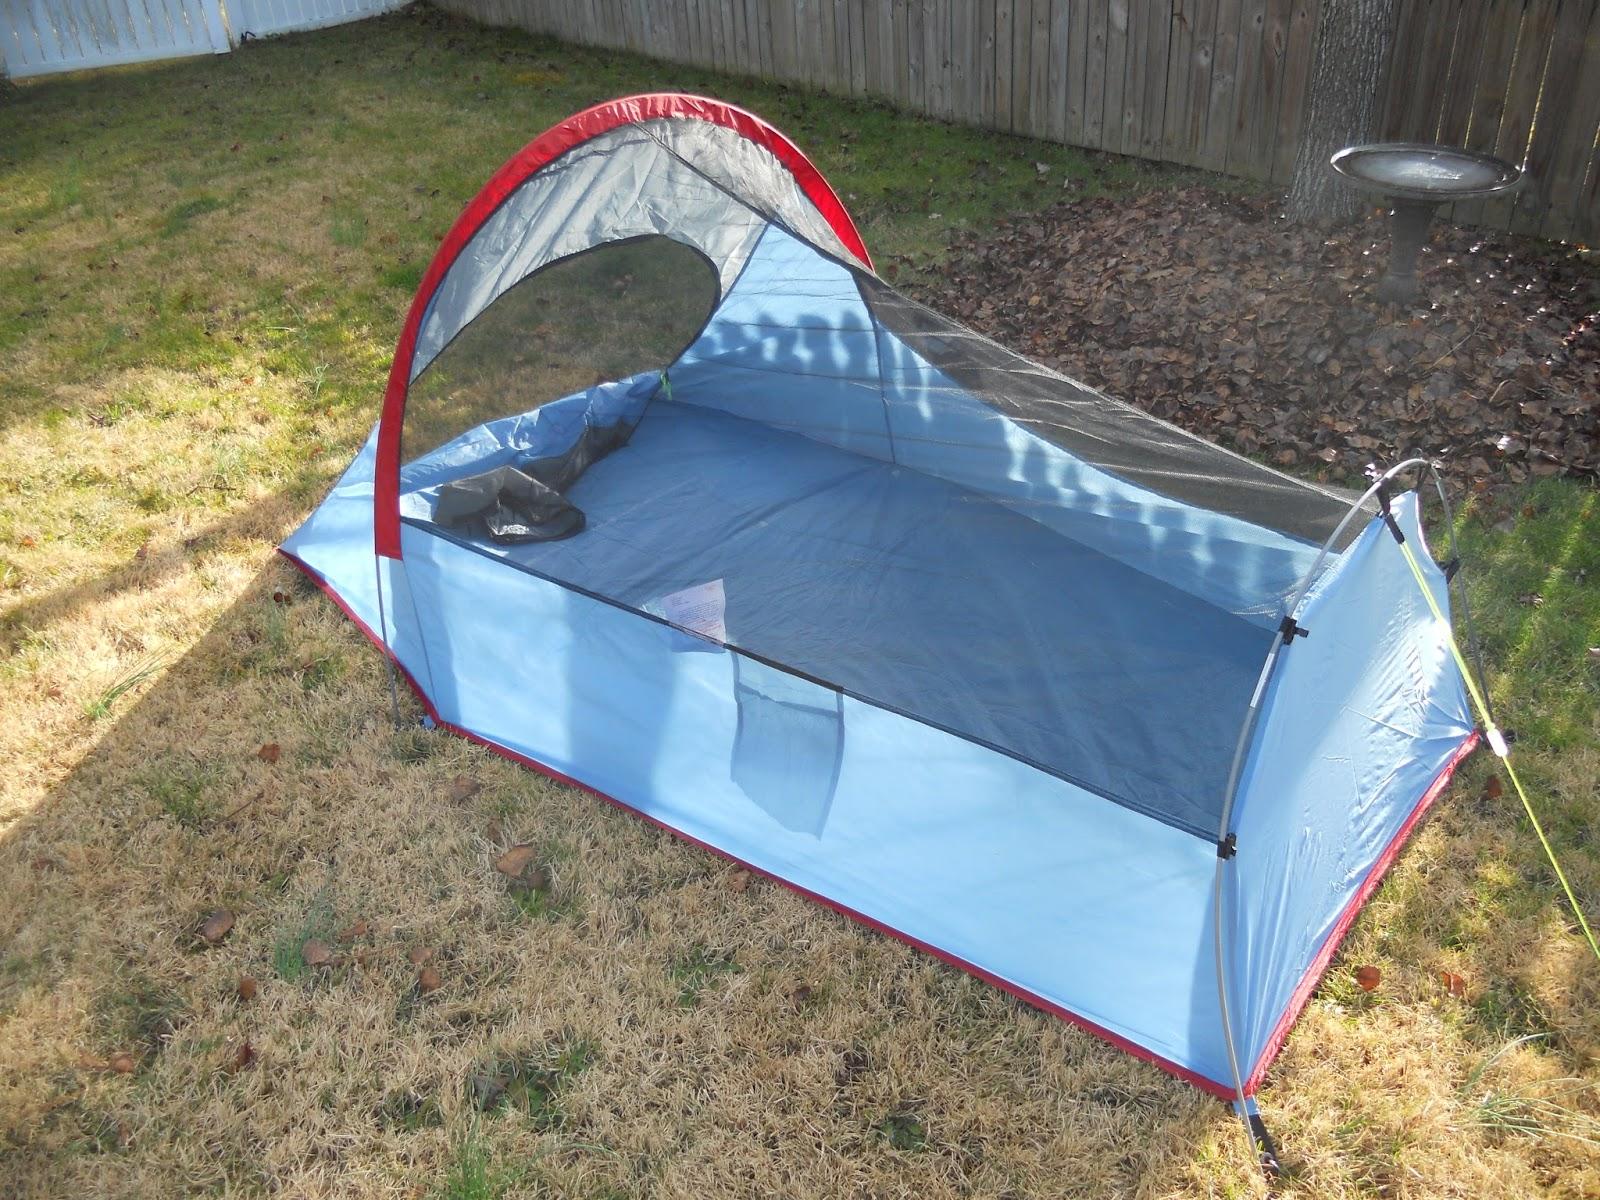 Texsport Saguaro Bivy Shelter Backpacking Tent ONLY $39.95 & Texsport Saguaro Bivy Shelter Tent